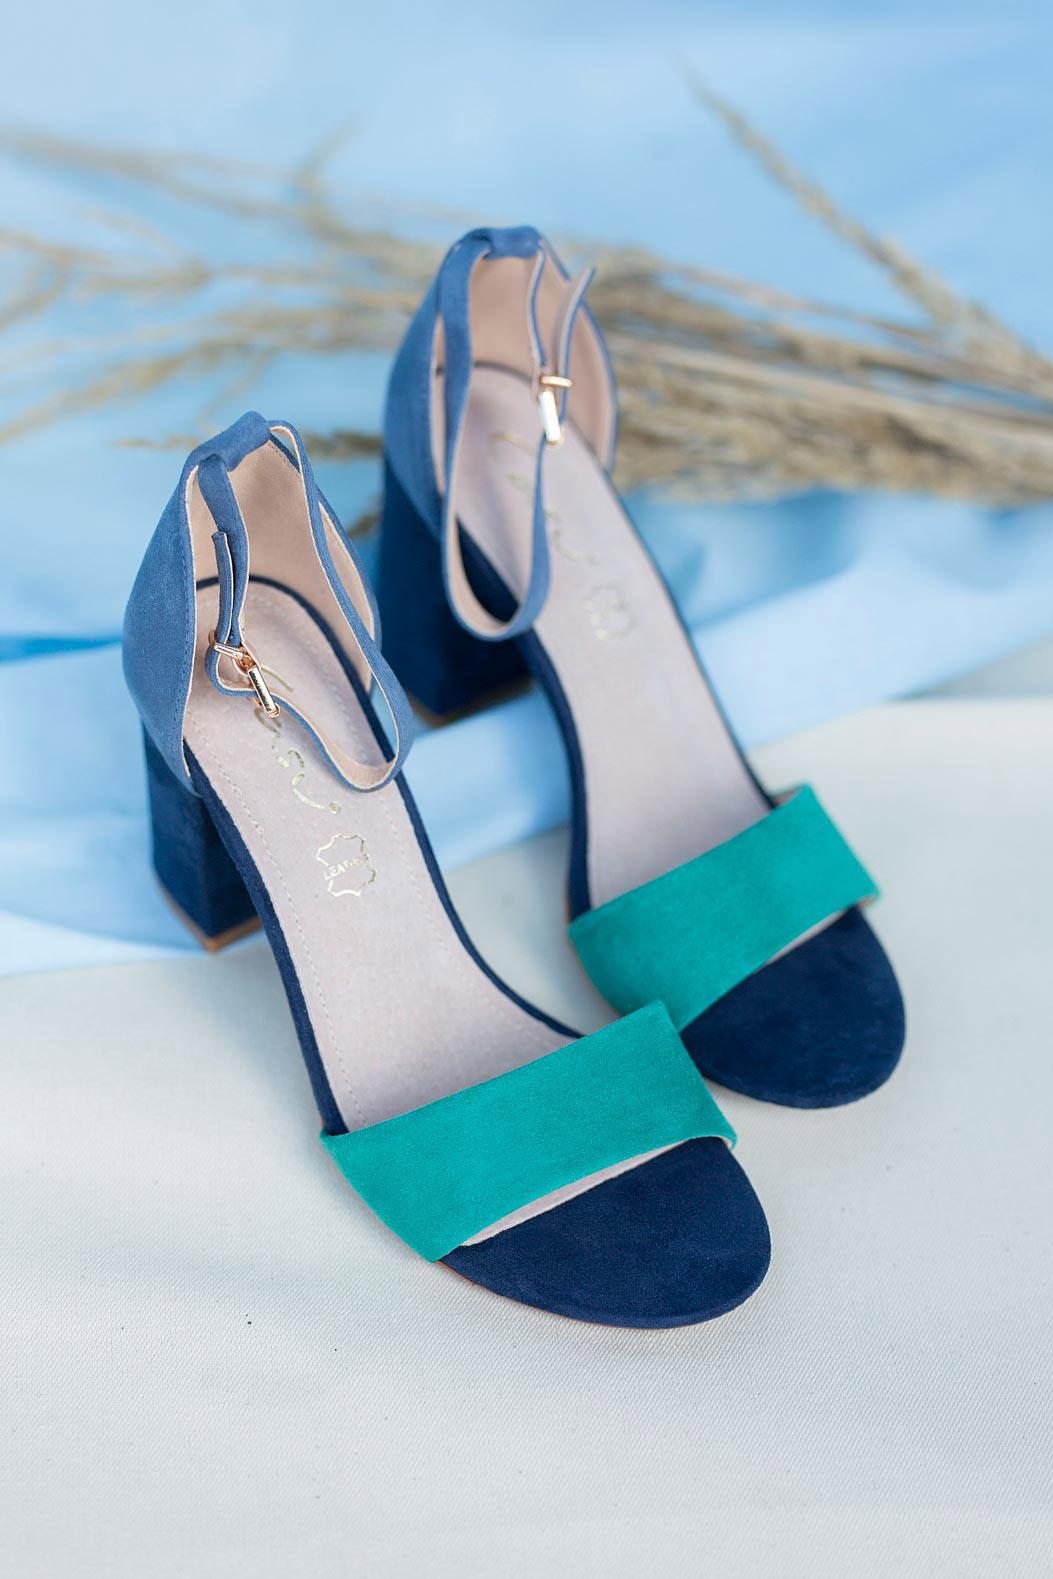 Granatowe sandały na słupku z zakrytą piętą paskiem wokół kostki ze skórzaną wkładką Casu ER20X2/N sezon Lato